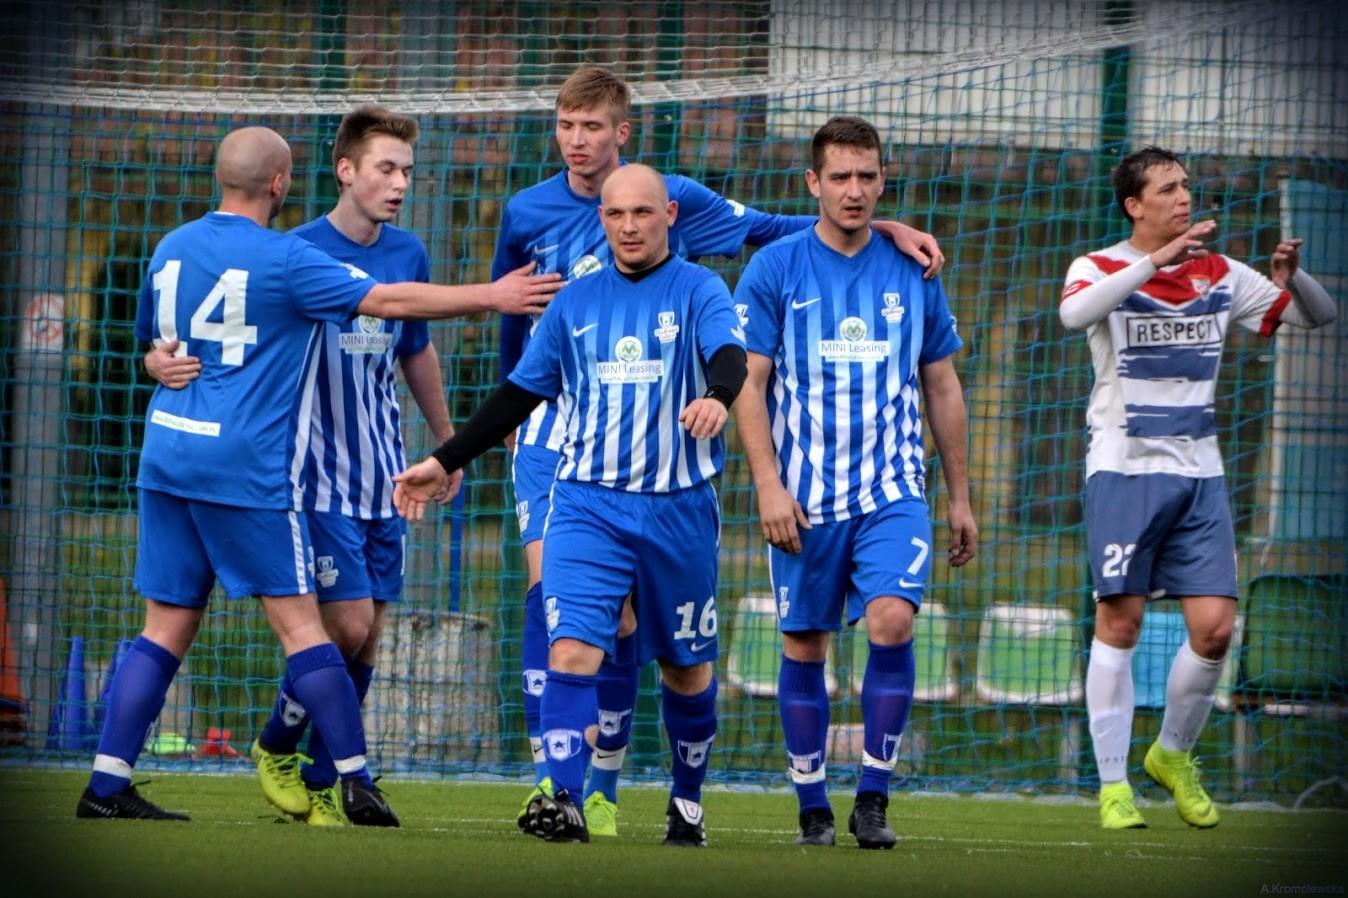 Gwiazda Parkmar Inkaso Bydgoszcz vs Wisła Fordon / 13.04.2019